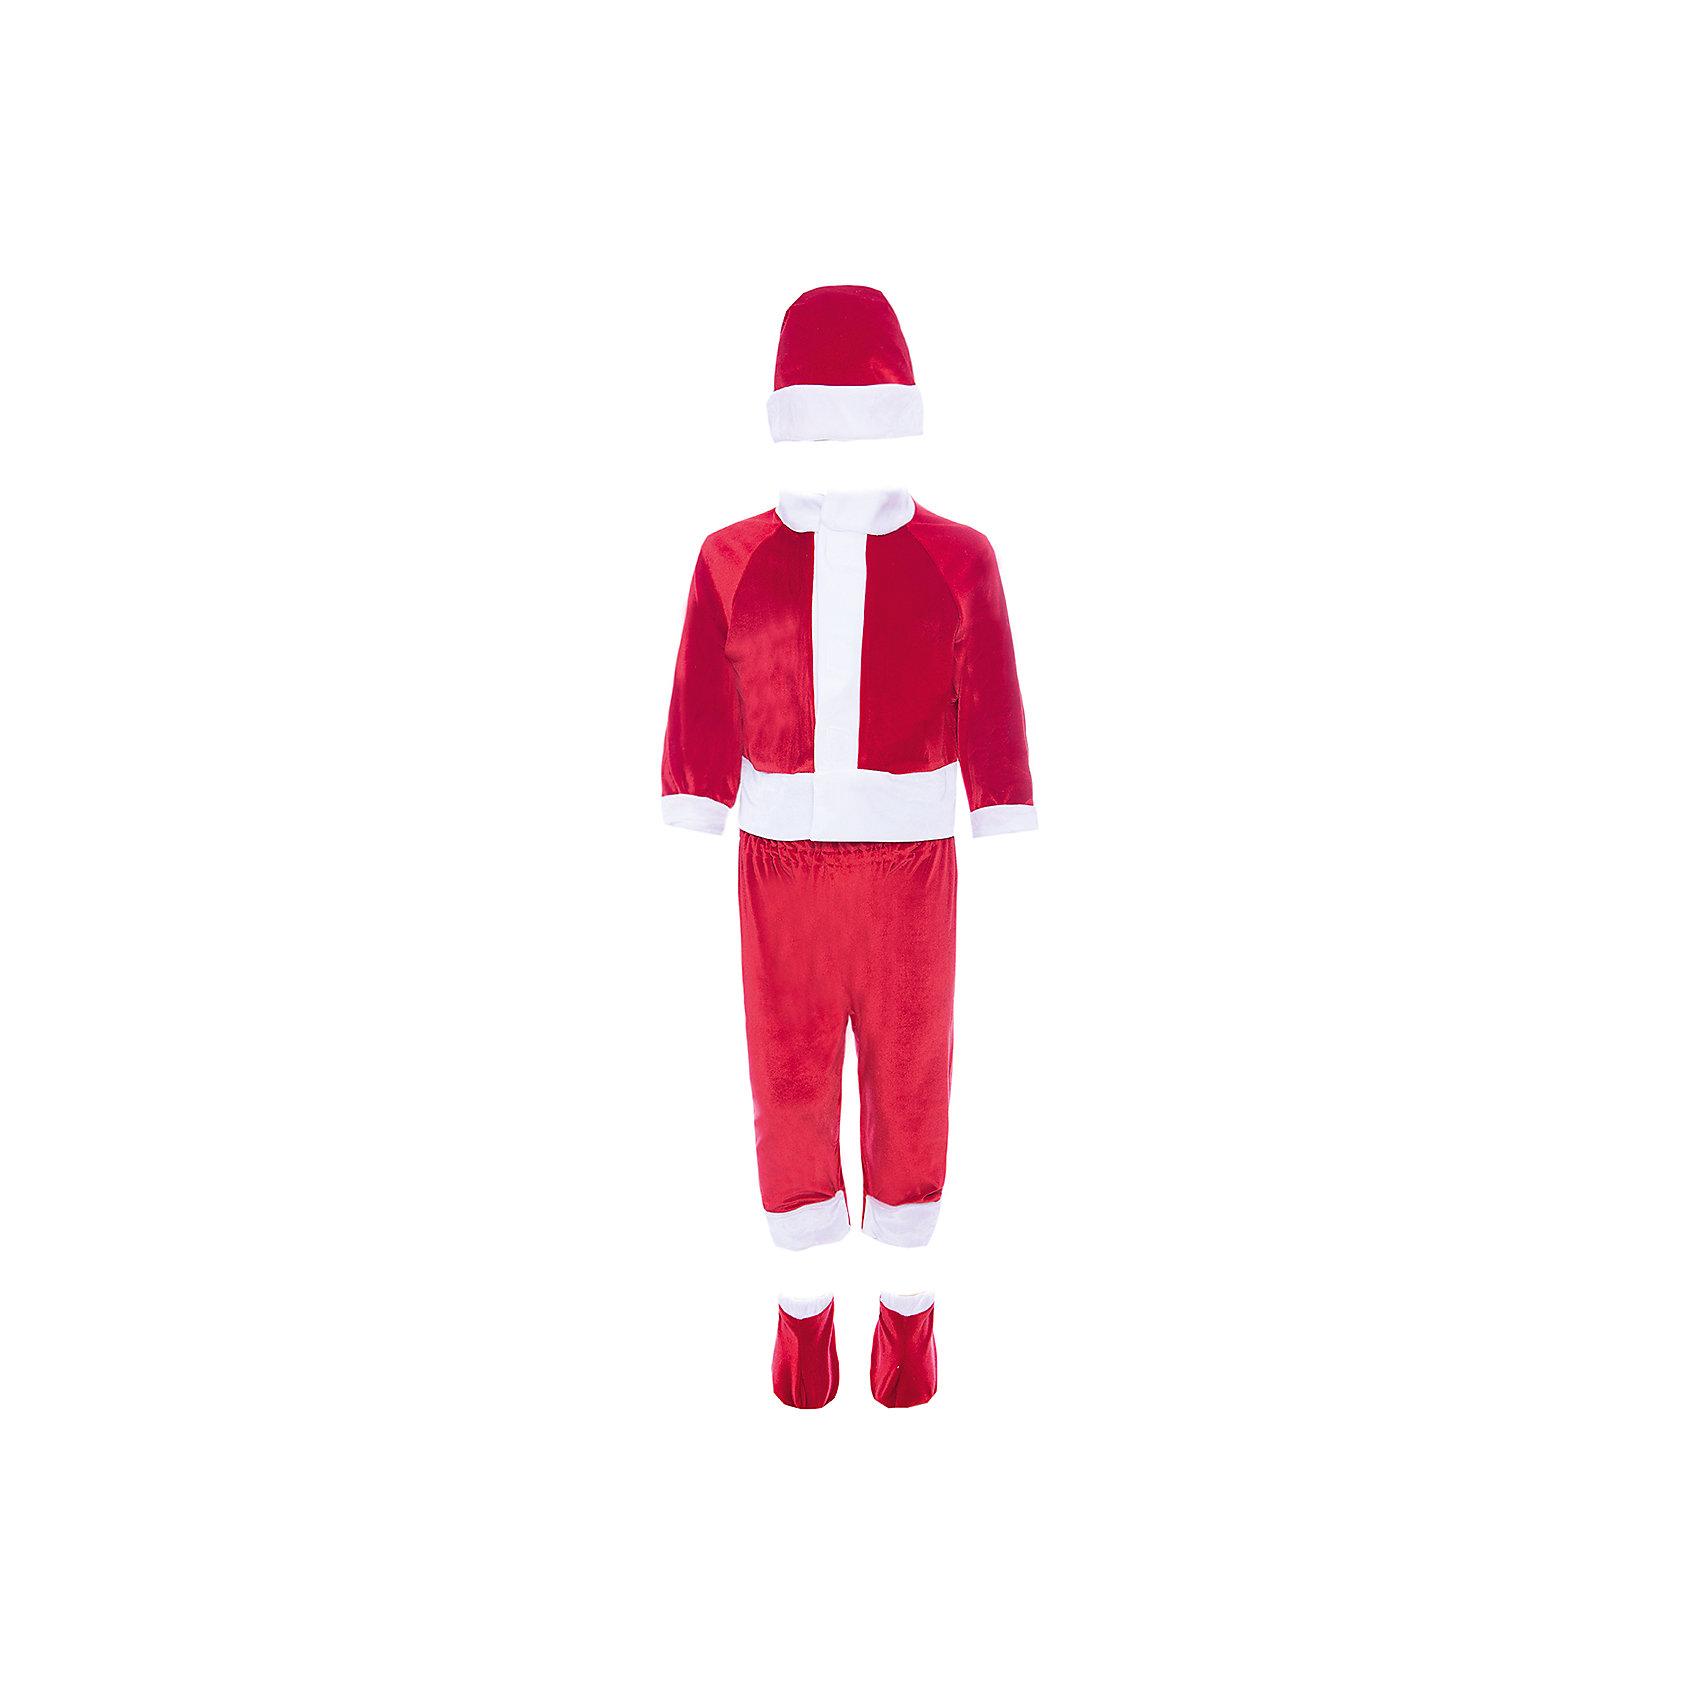 Вестифика Карнавальный костюм Санта Клаус, Вестифика вестифика карнавальный костюм цыпленок вестифика